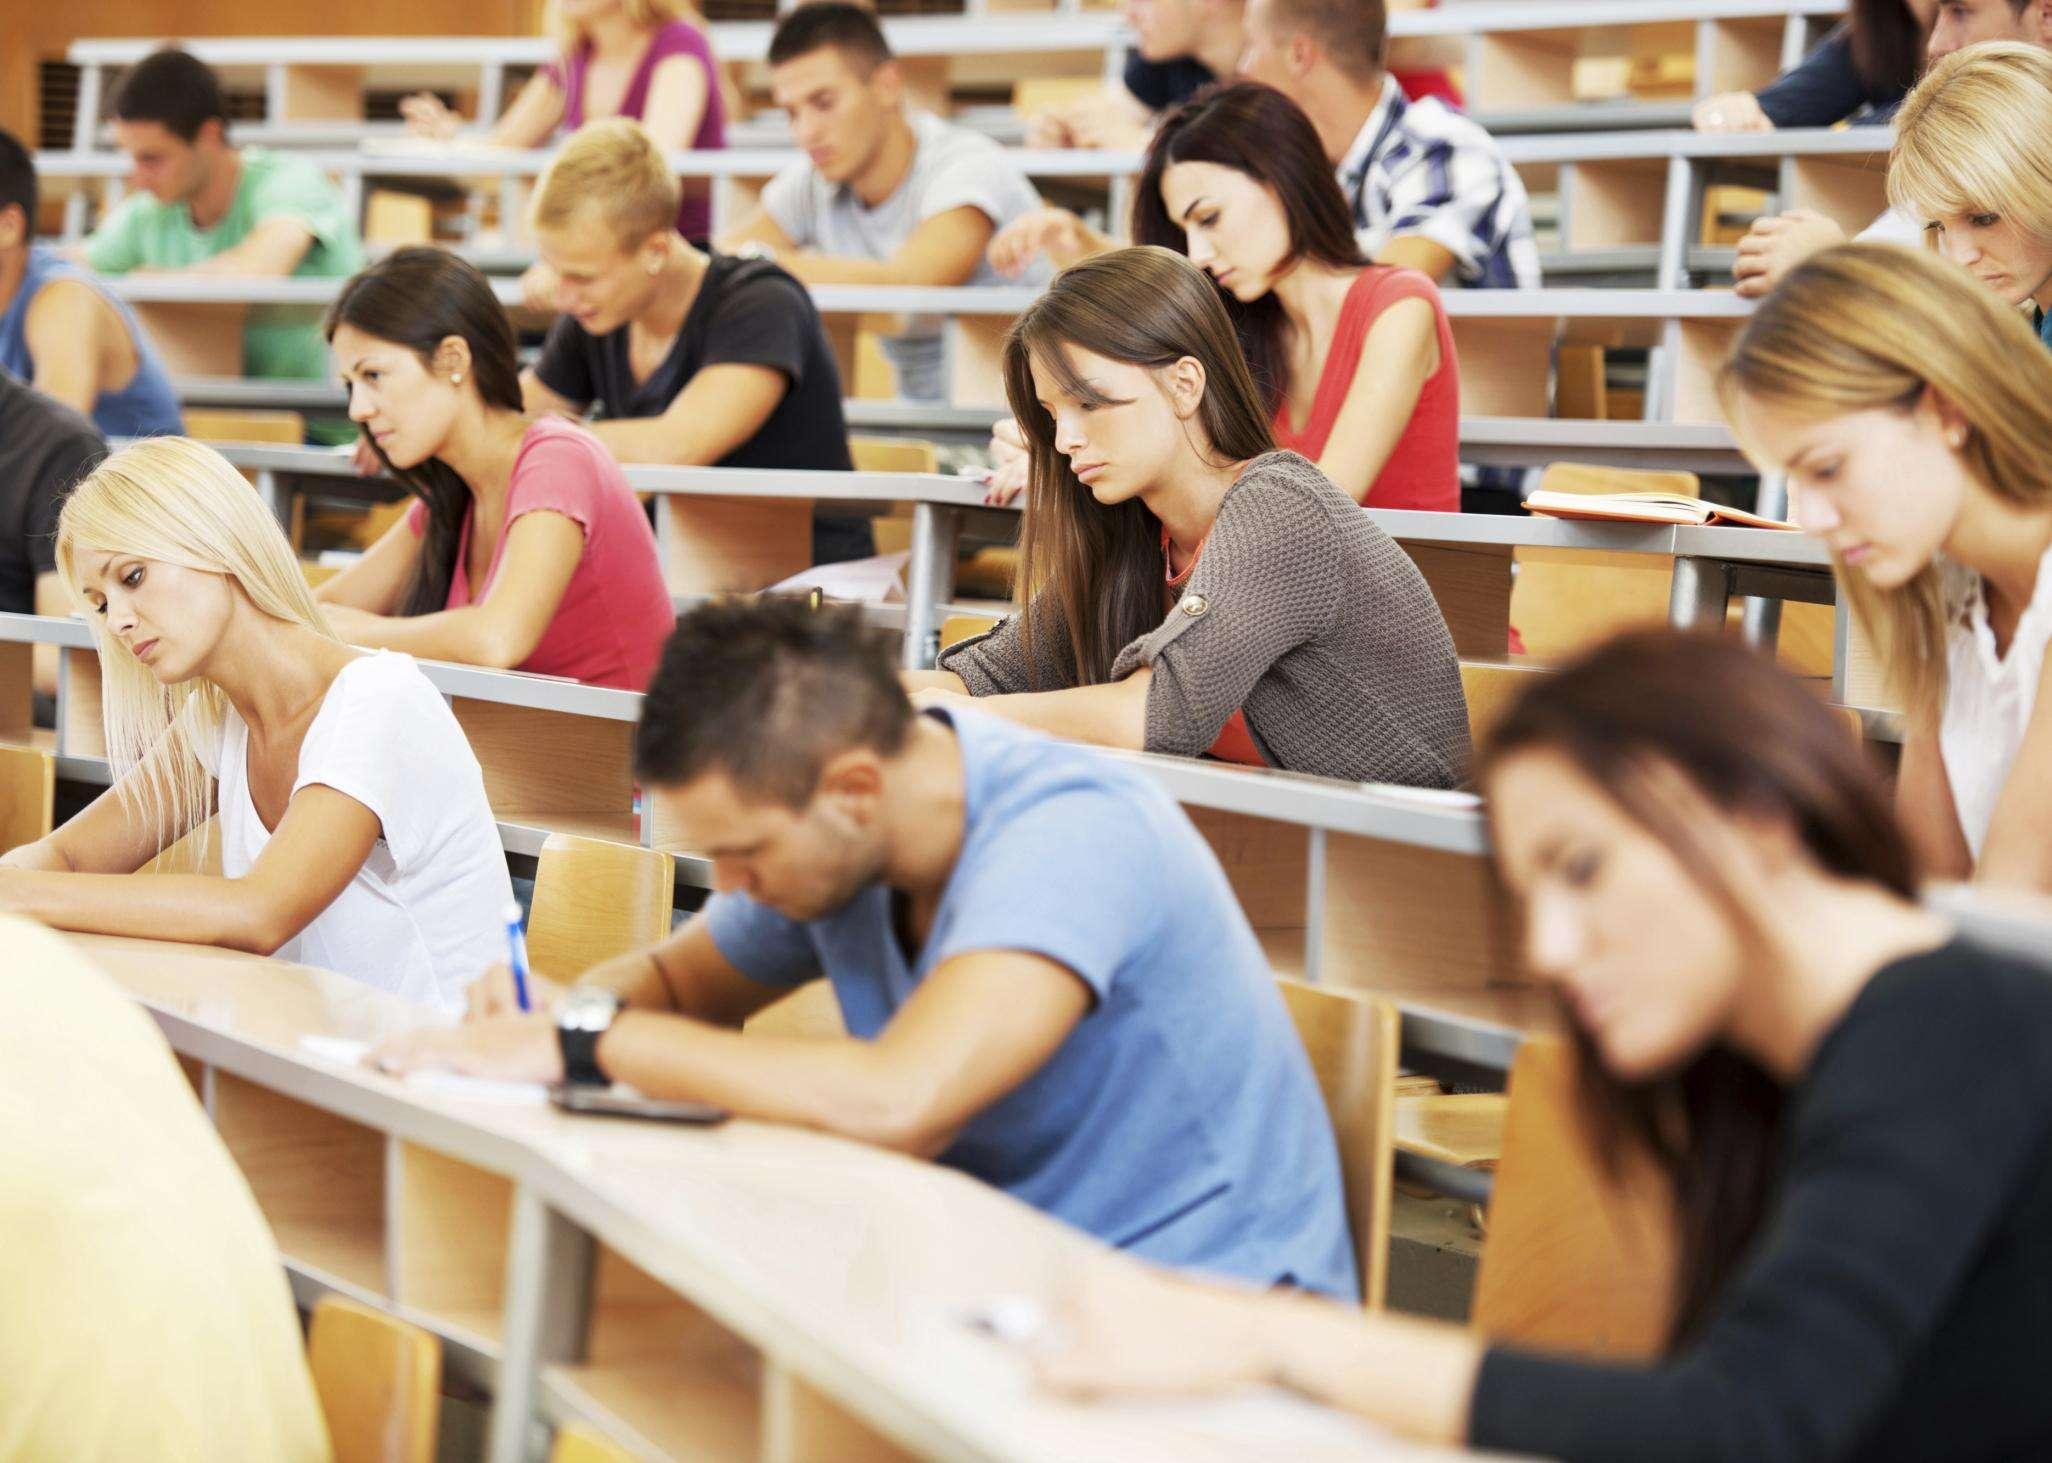 出国留学大热形势下的美国留学利弊分析